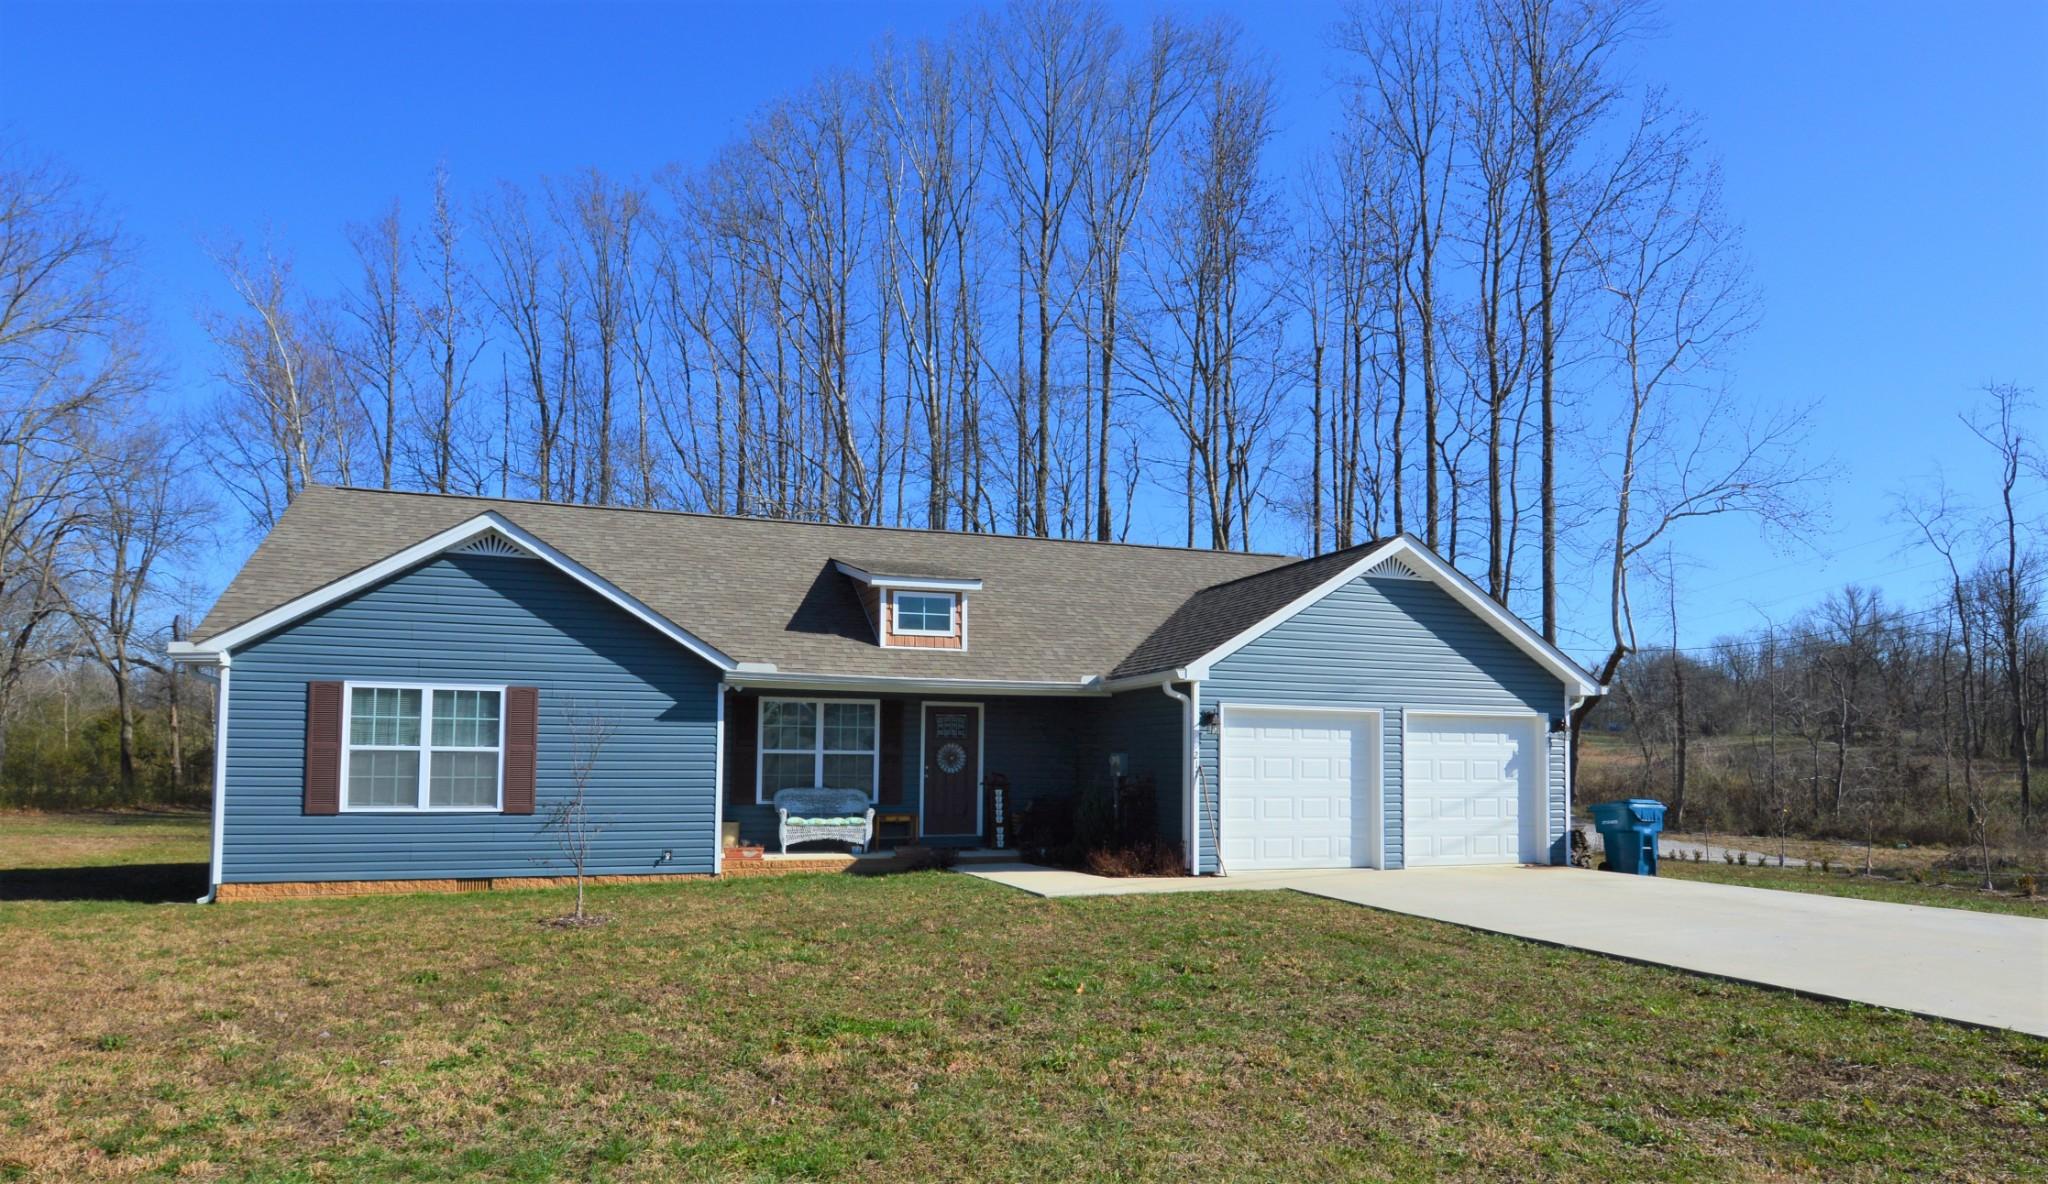 217 Celeste Dr, Baxter, TN 38544 - Baxter, TN real estate listing